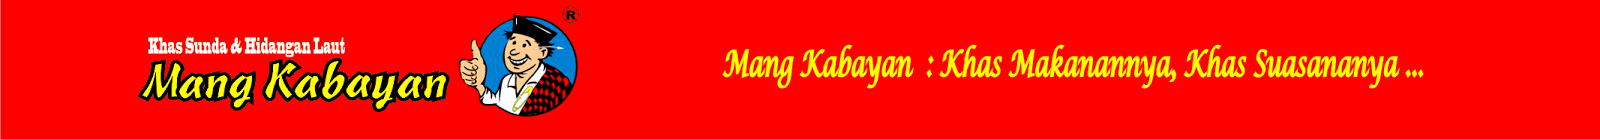 Rumah Makan Mangkabayan, khas sunda, masakan sunda